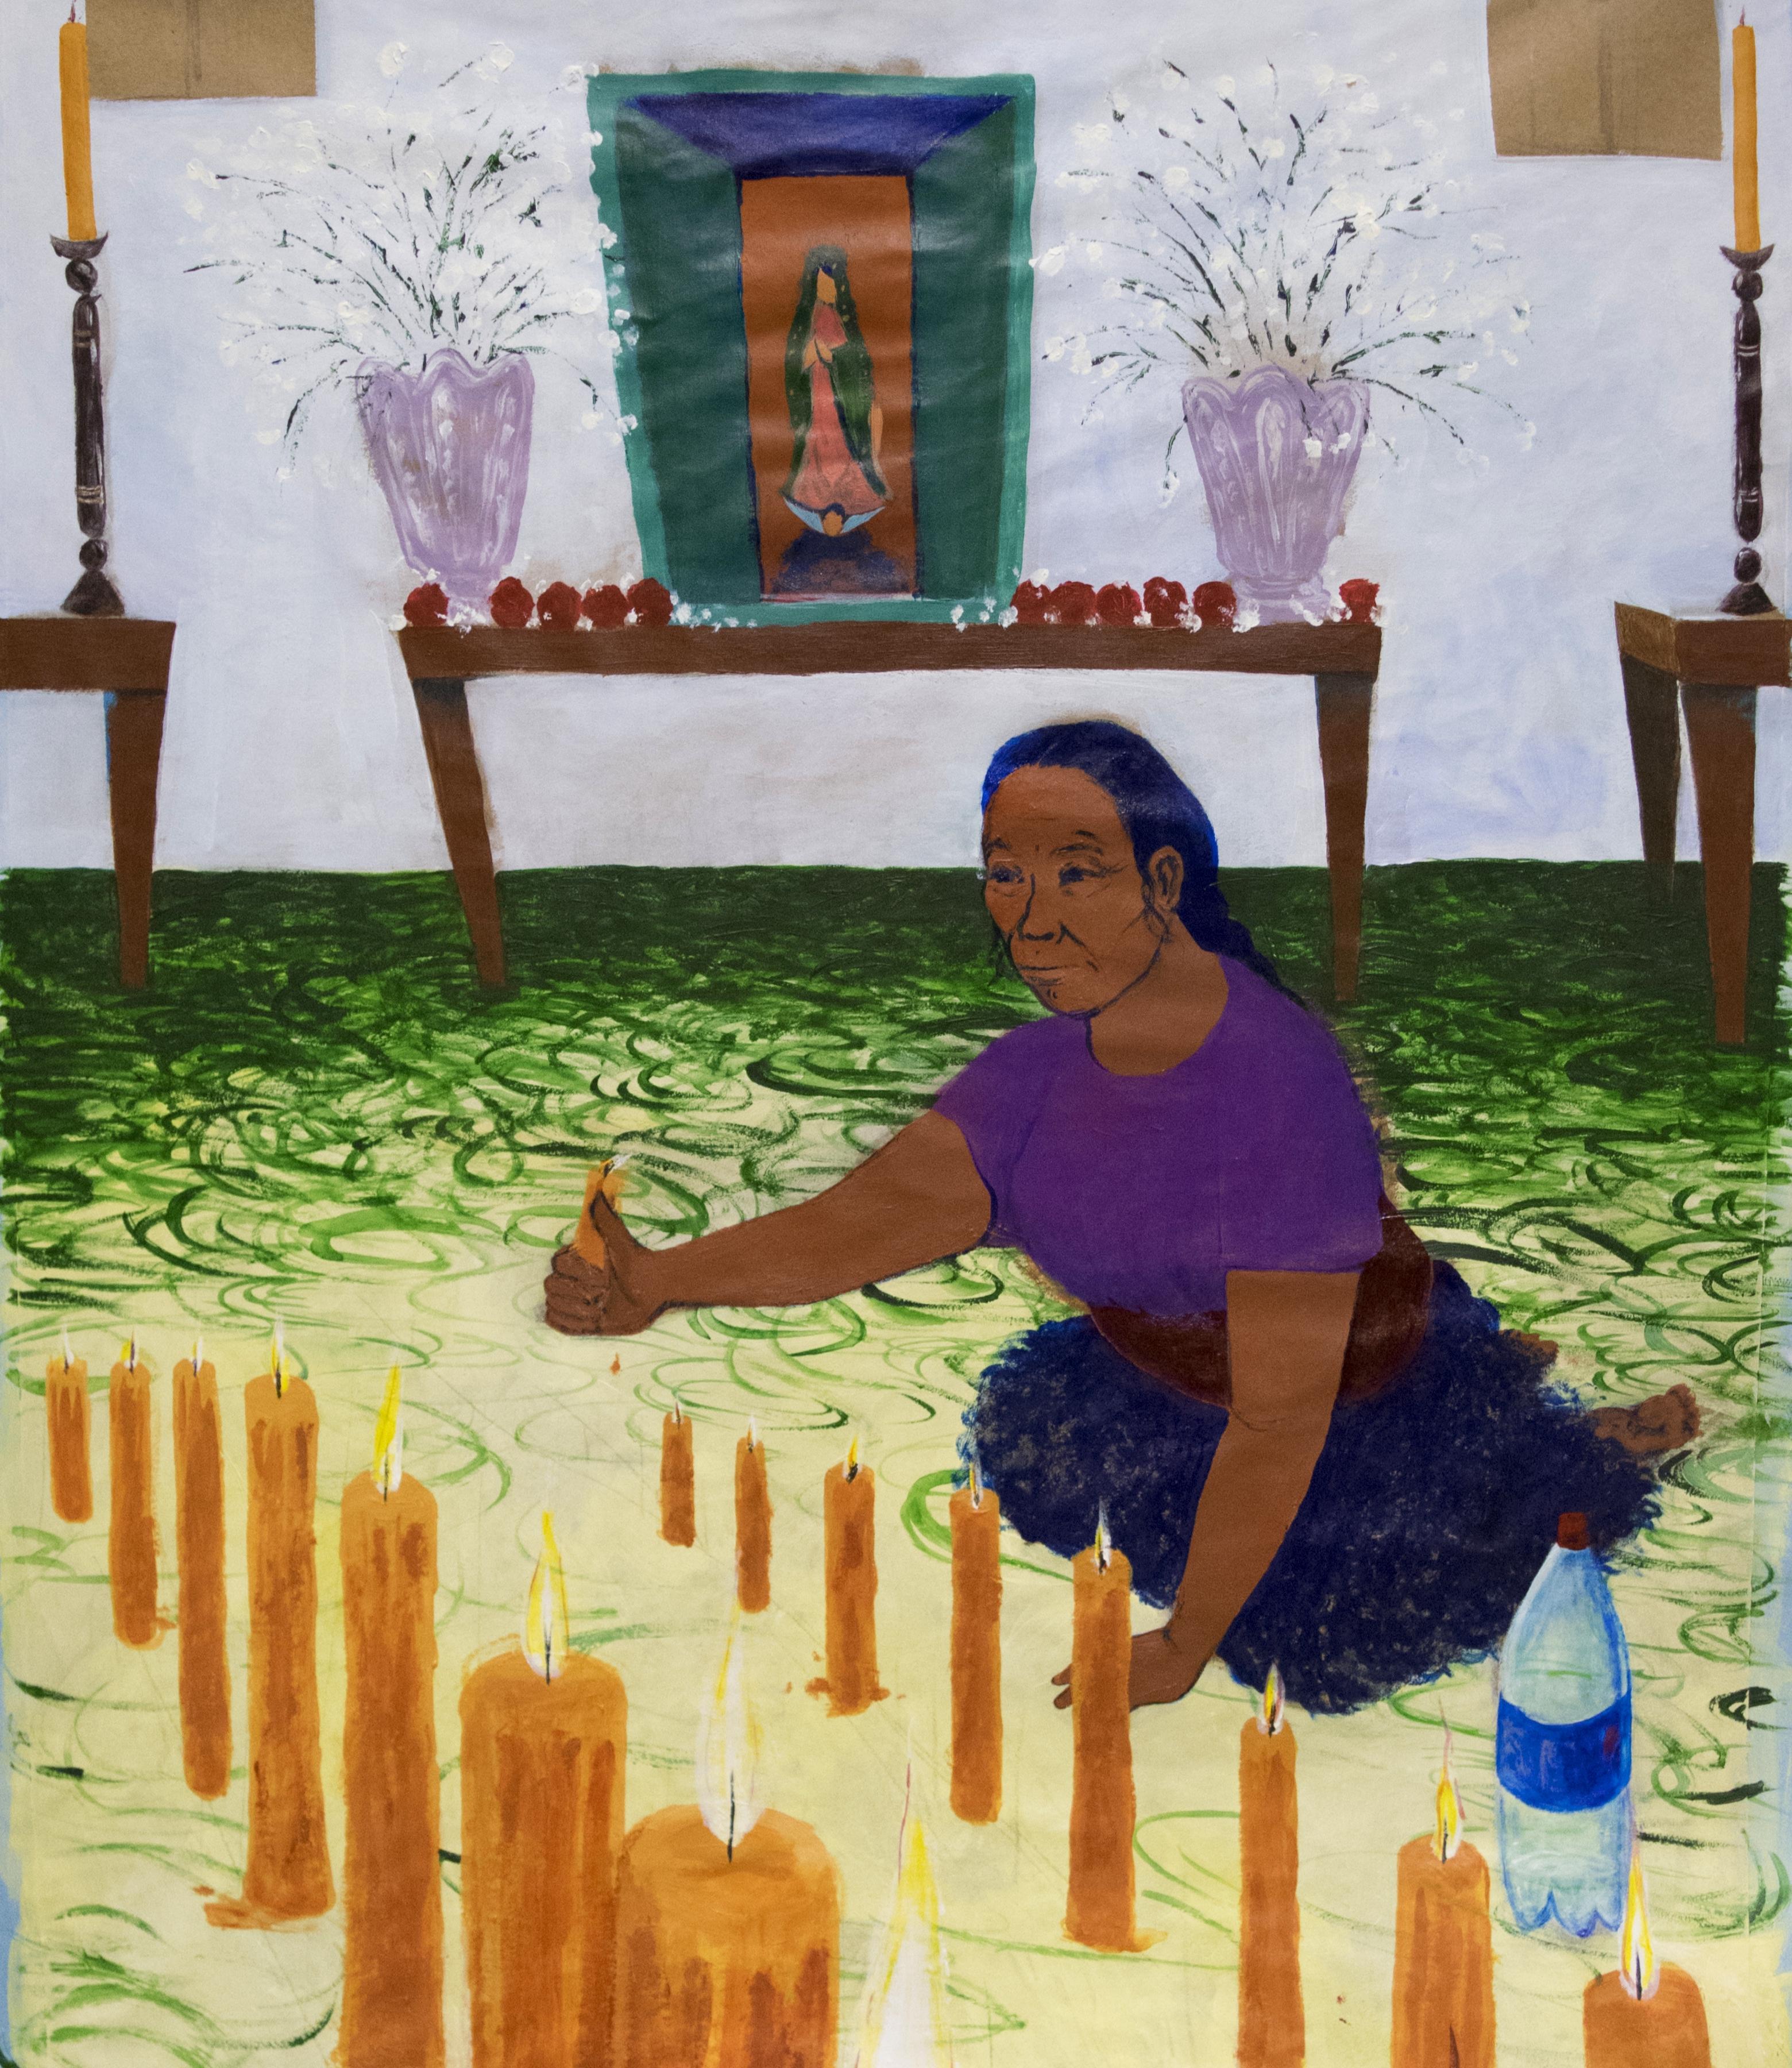 Chamula, Chiapas by Riquis101